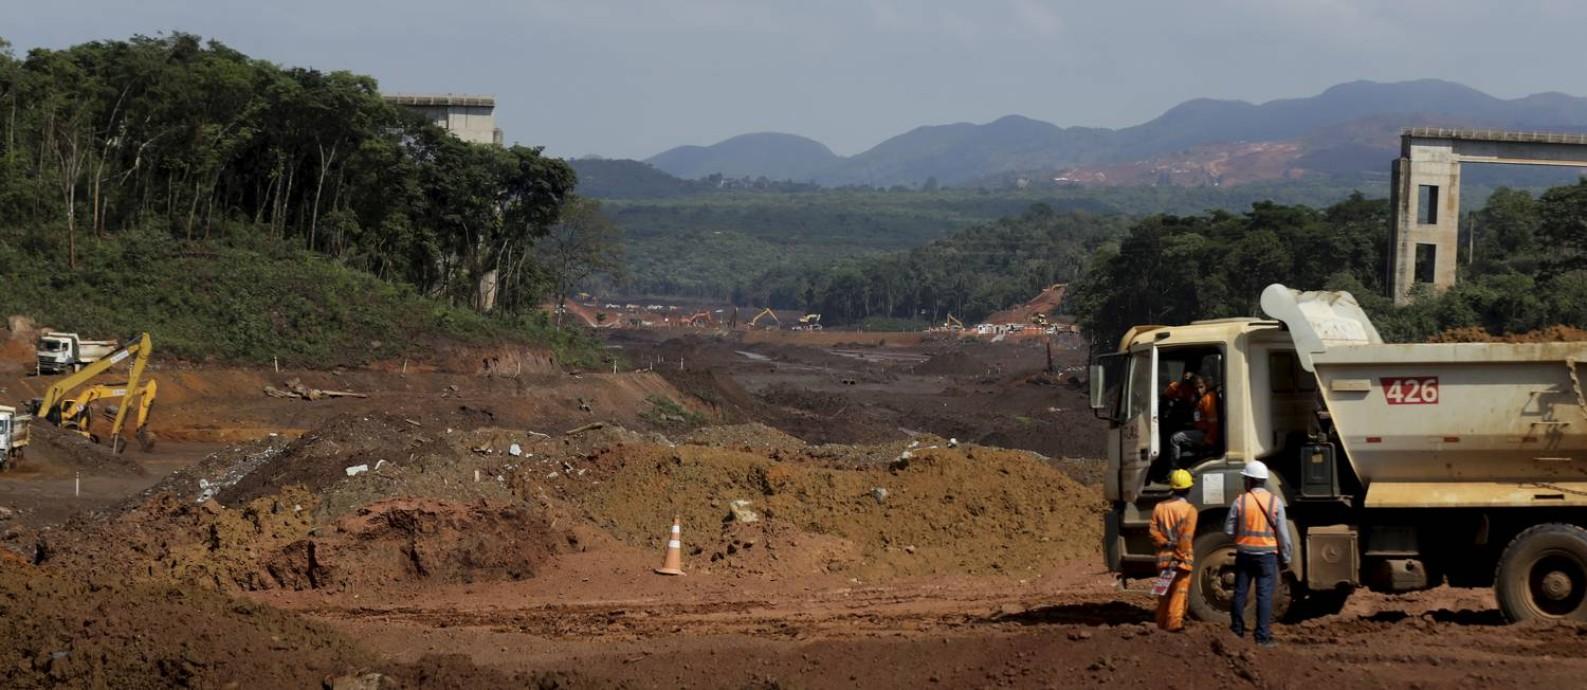 Brumadinho vive boom de investimentos, mas ainda não tem plano de longo prazo Foto: Marcelo Theobald / Agência O Globo